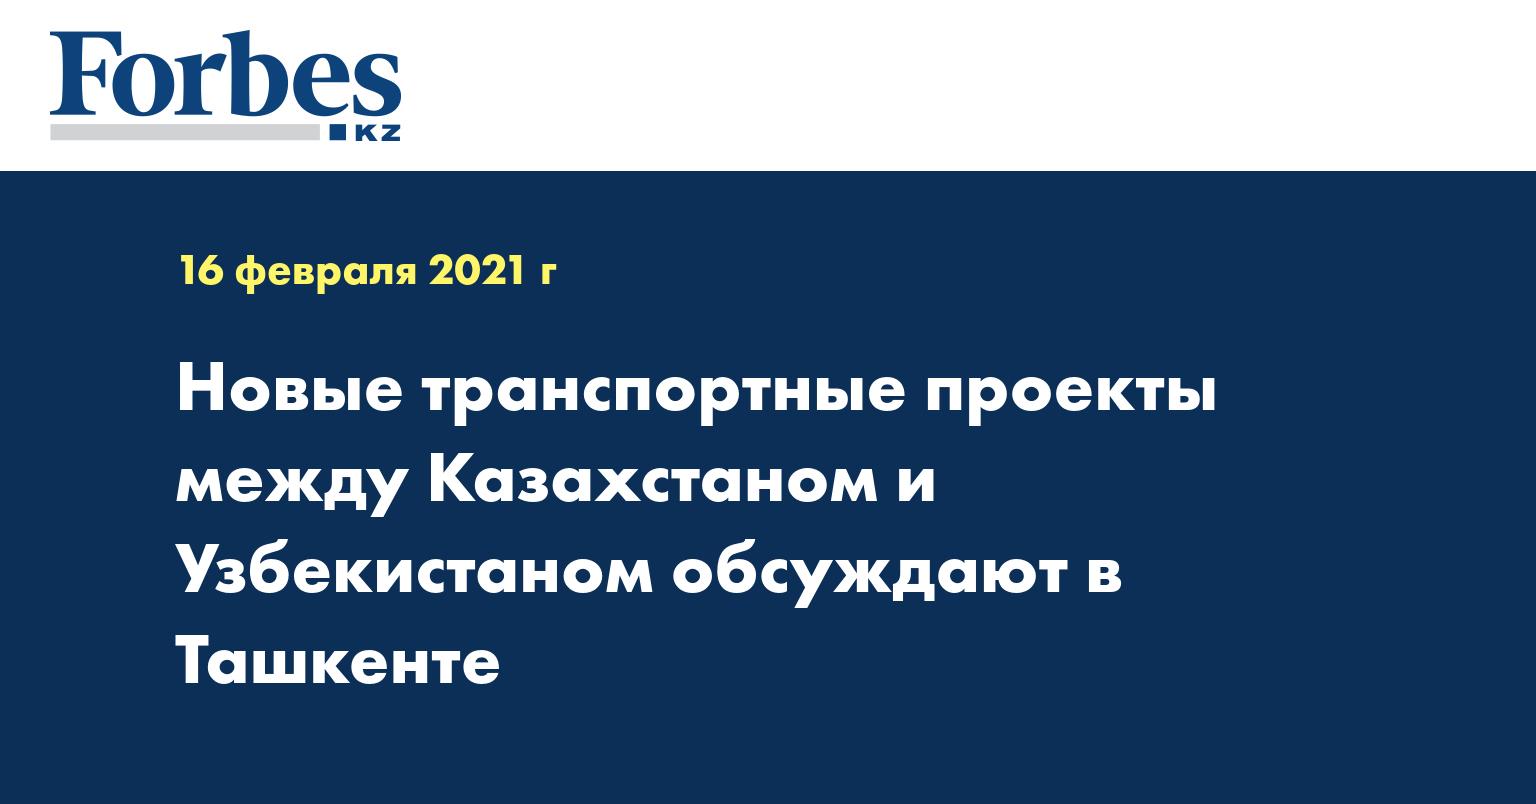 Новые транспортные проекты между Казахстаном и Узбекистаном обсуждают в Ташкенте